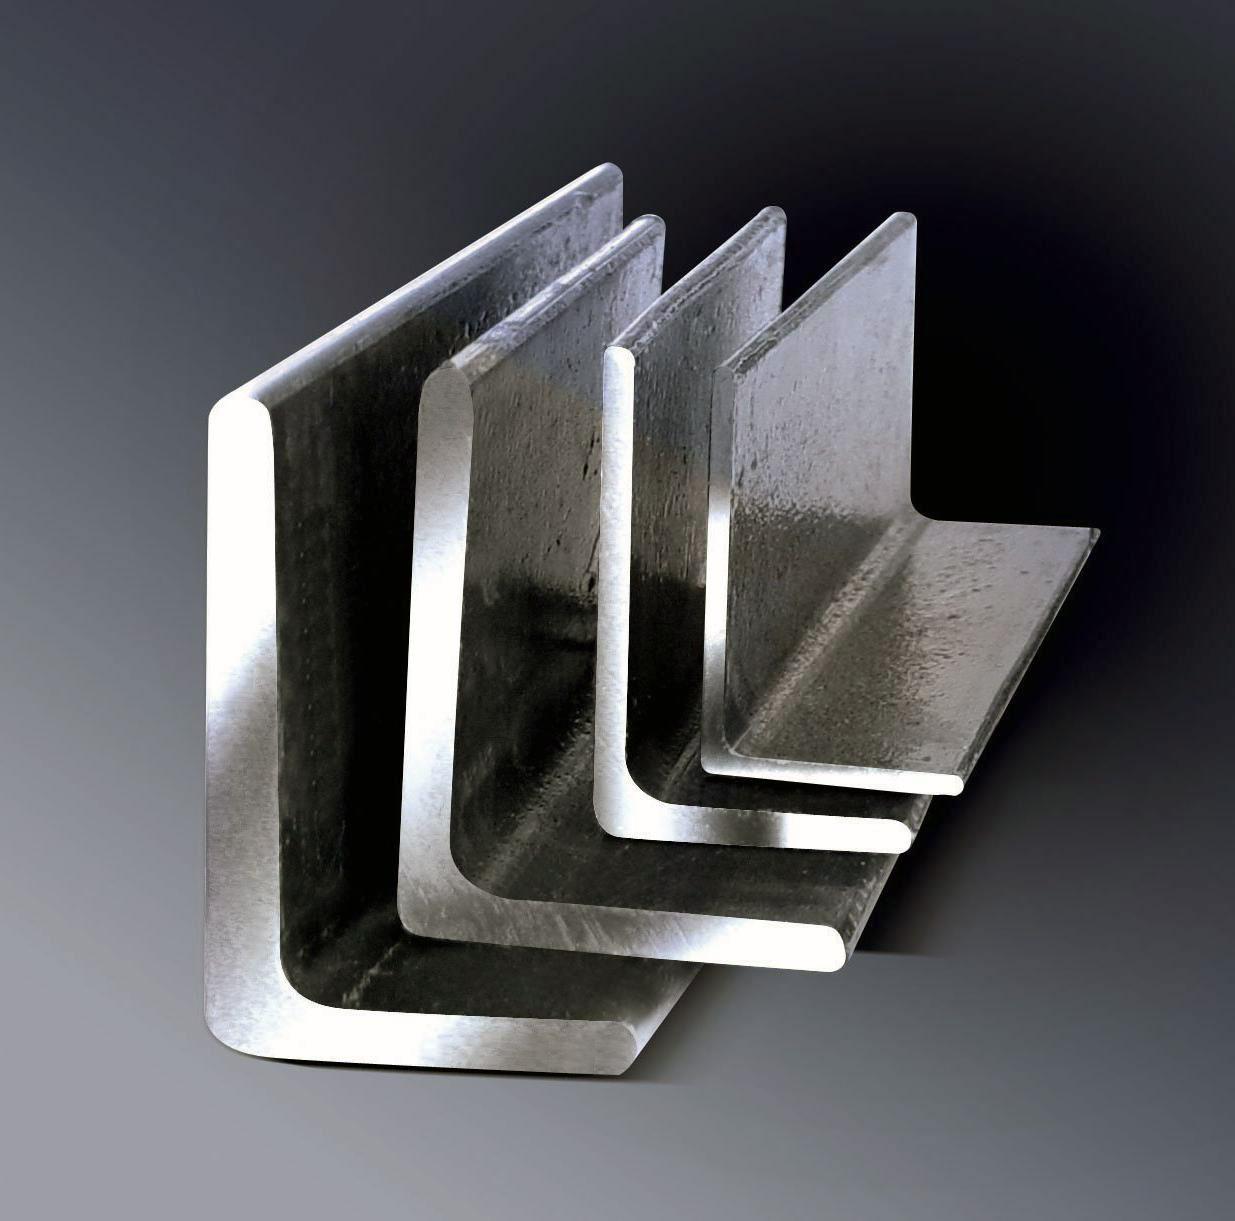 Купить уголок металлический 5 х5 мм, 75х75 мм